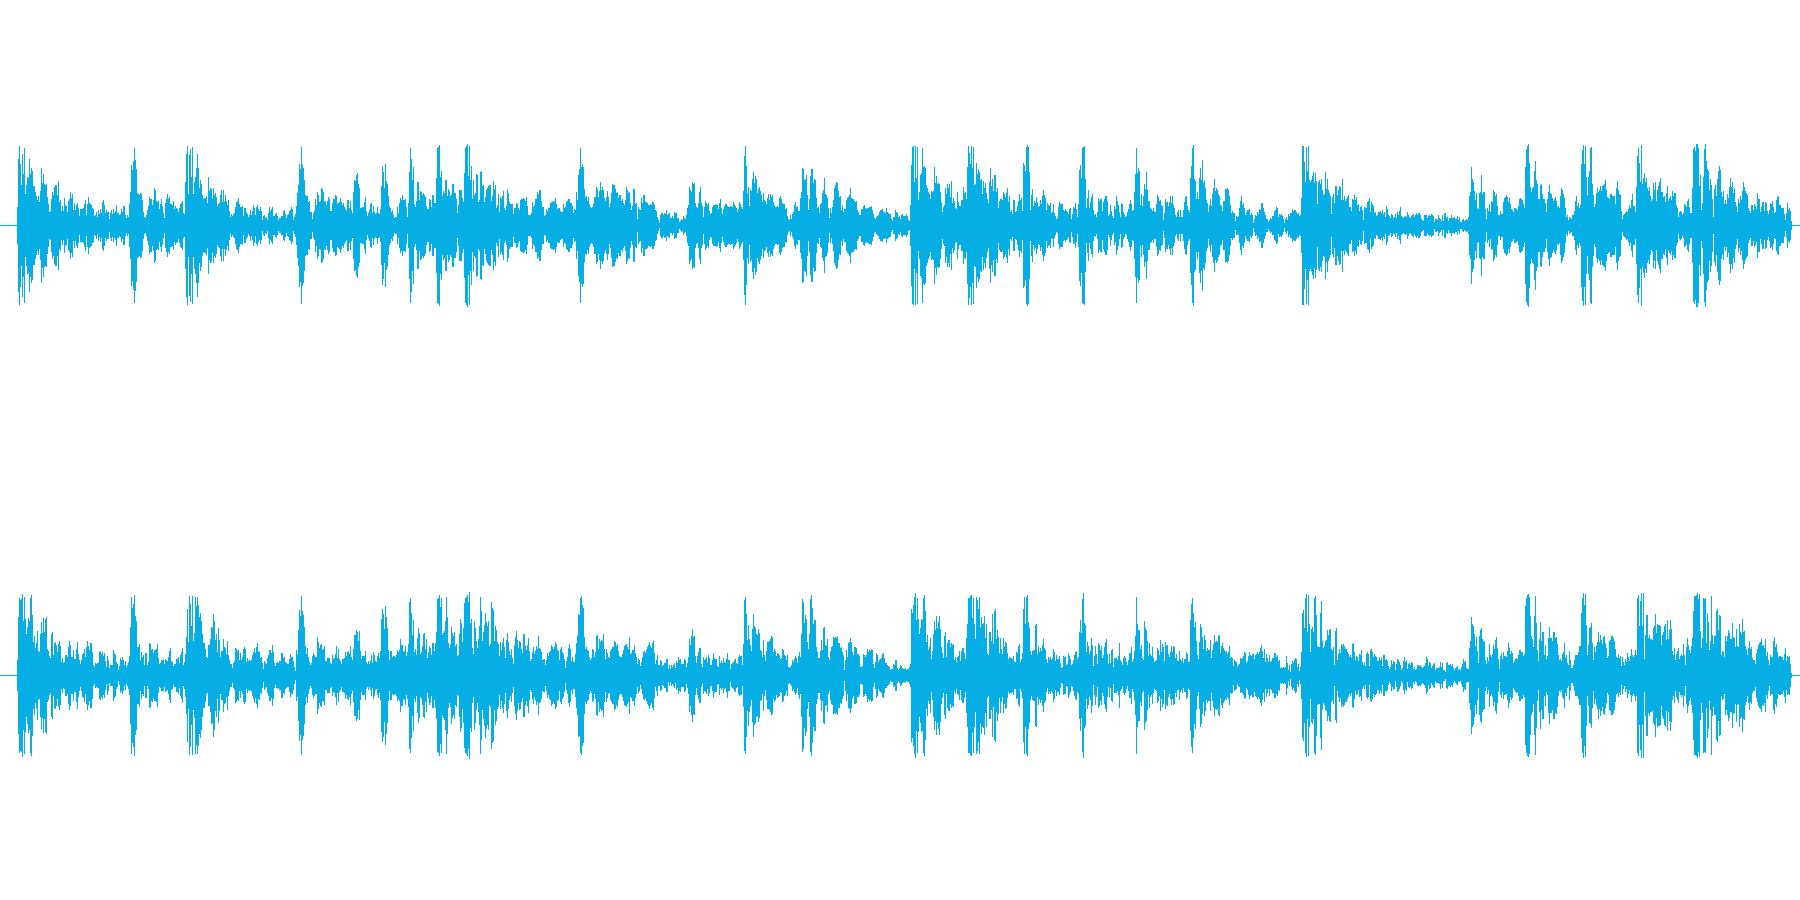 和太鼓リズムのみ音源のリバーブあり音源…の再生済みの波形